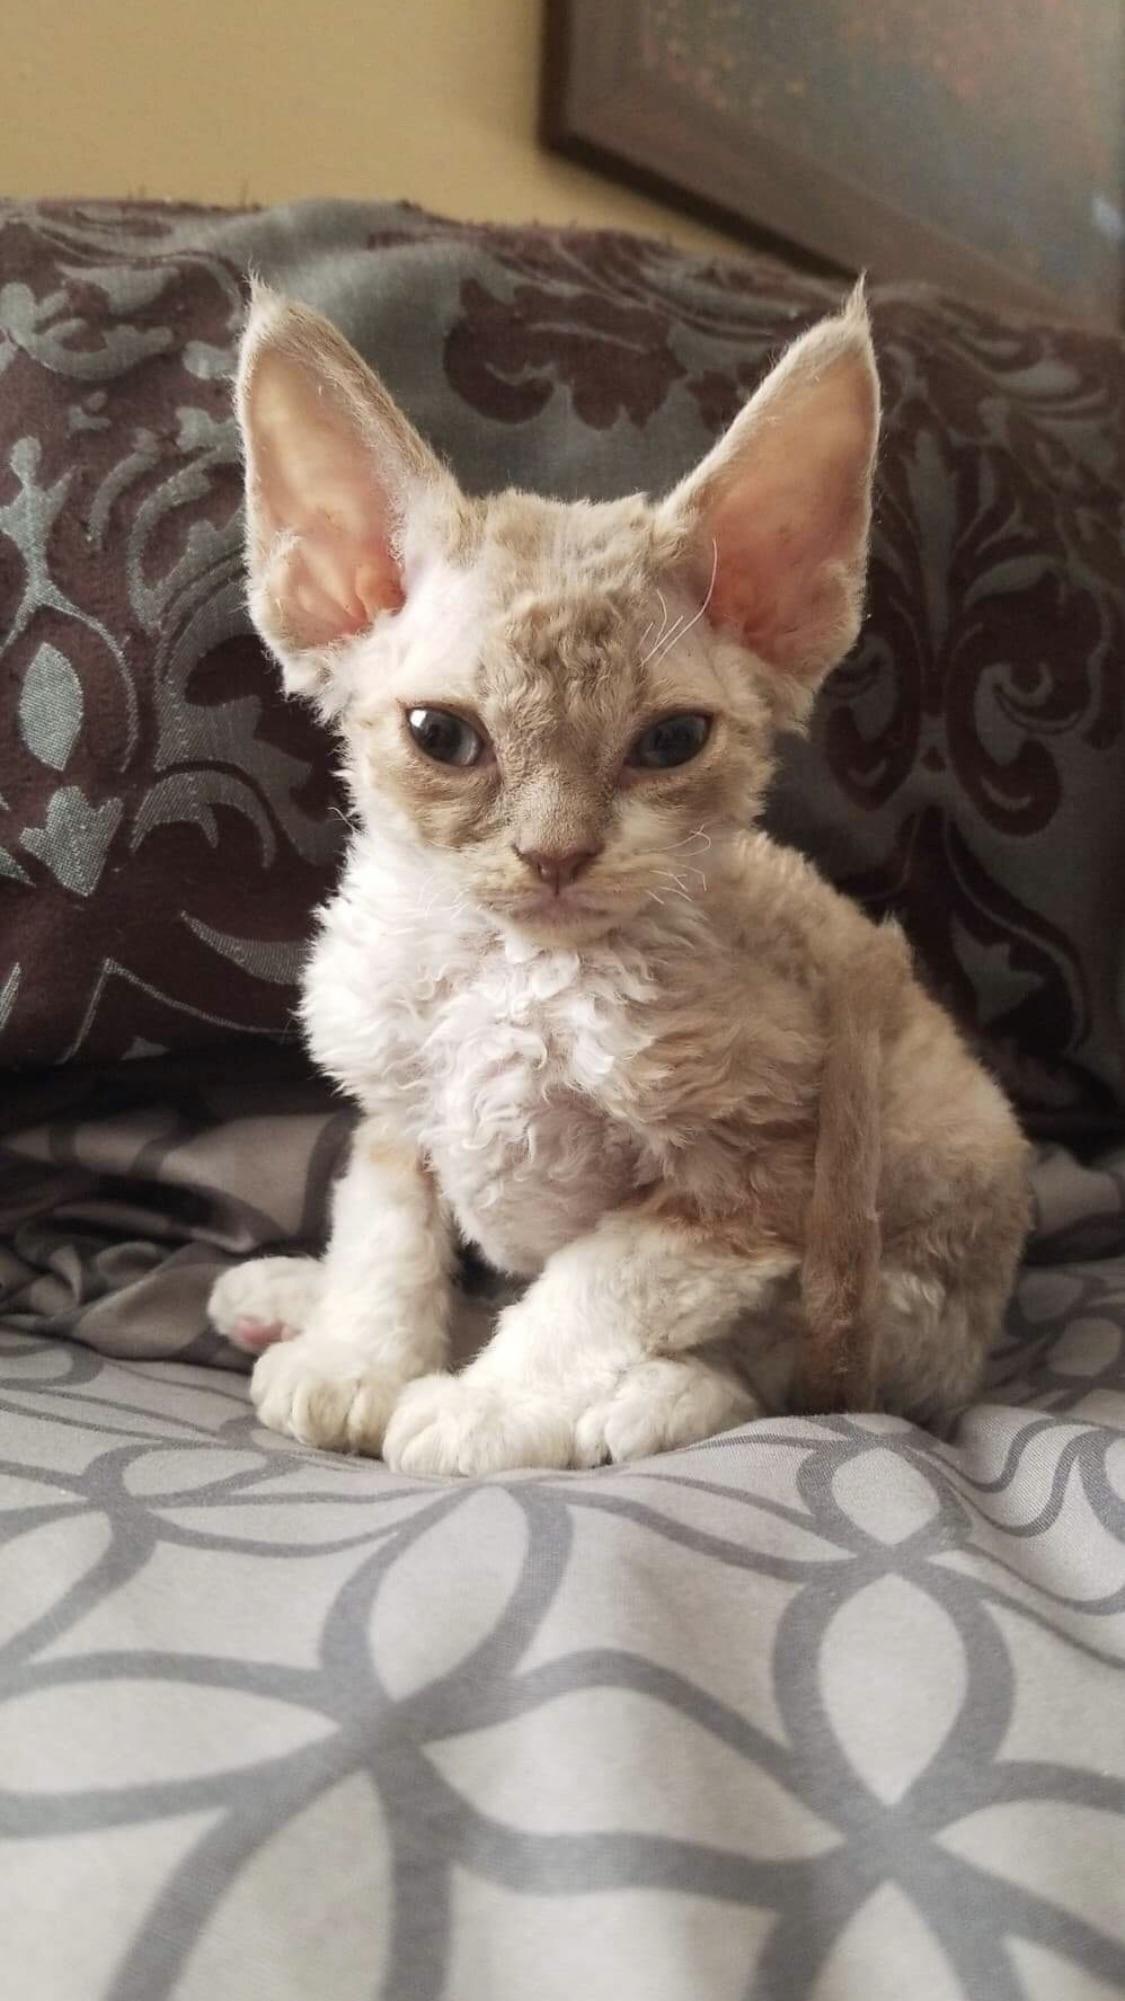 Best 211 Devon Rec Hd Wallpaper Interestpic Co Devon Rex Cats Devon Rex Kittens Cute Baby Animals